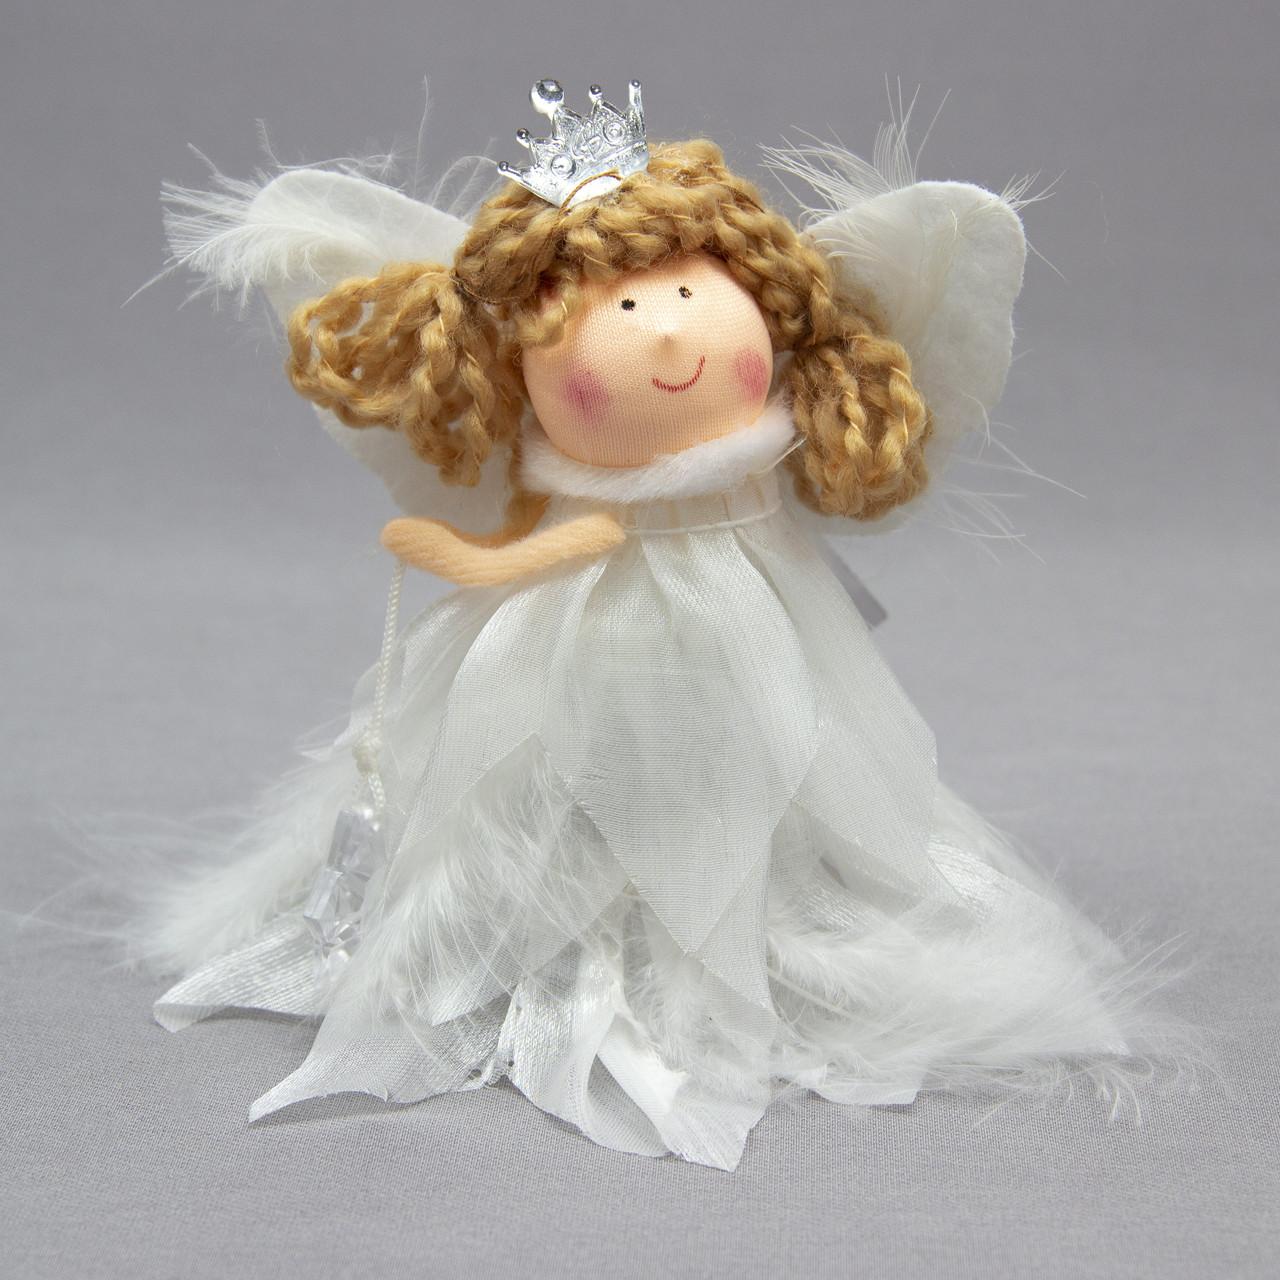 Елочная игрушка - ангелочек со звездой, 11 см (220037-1)